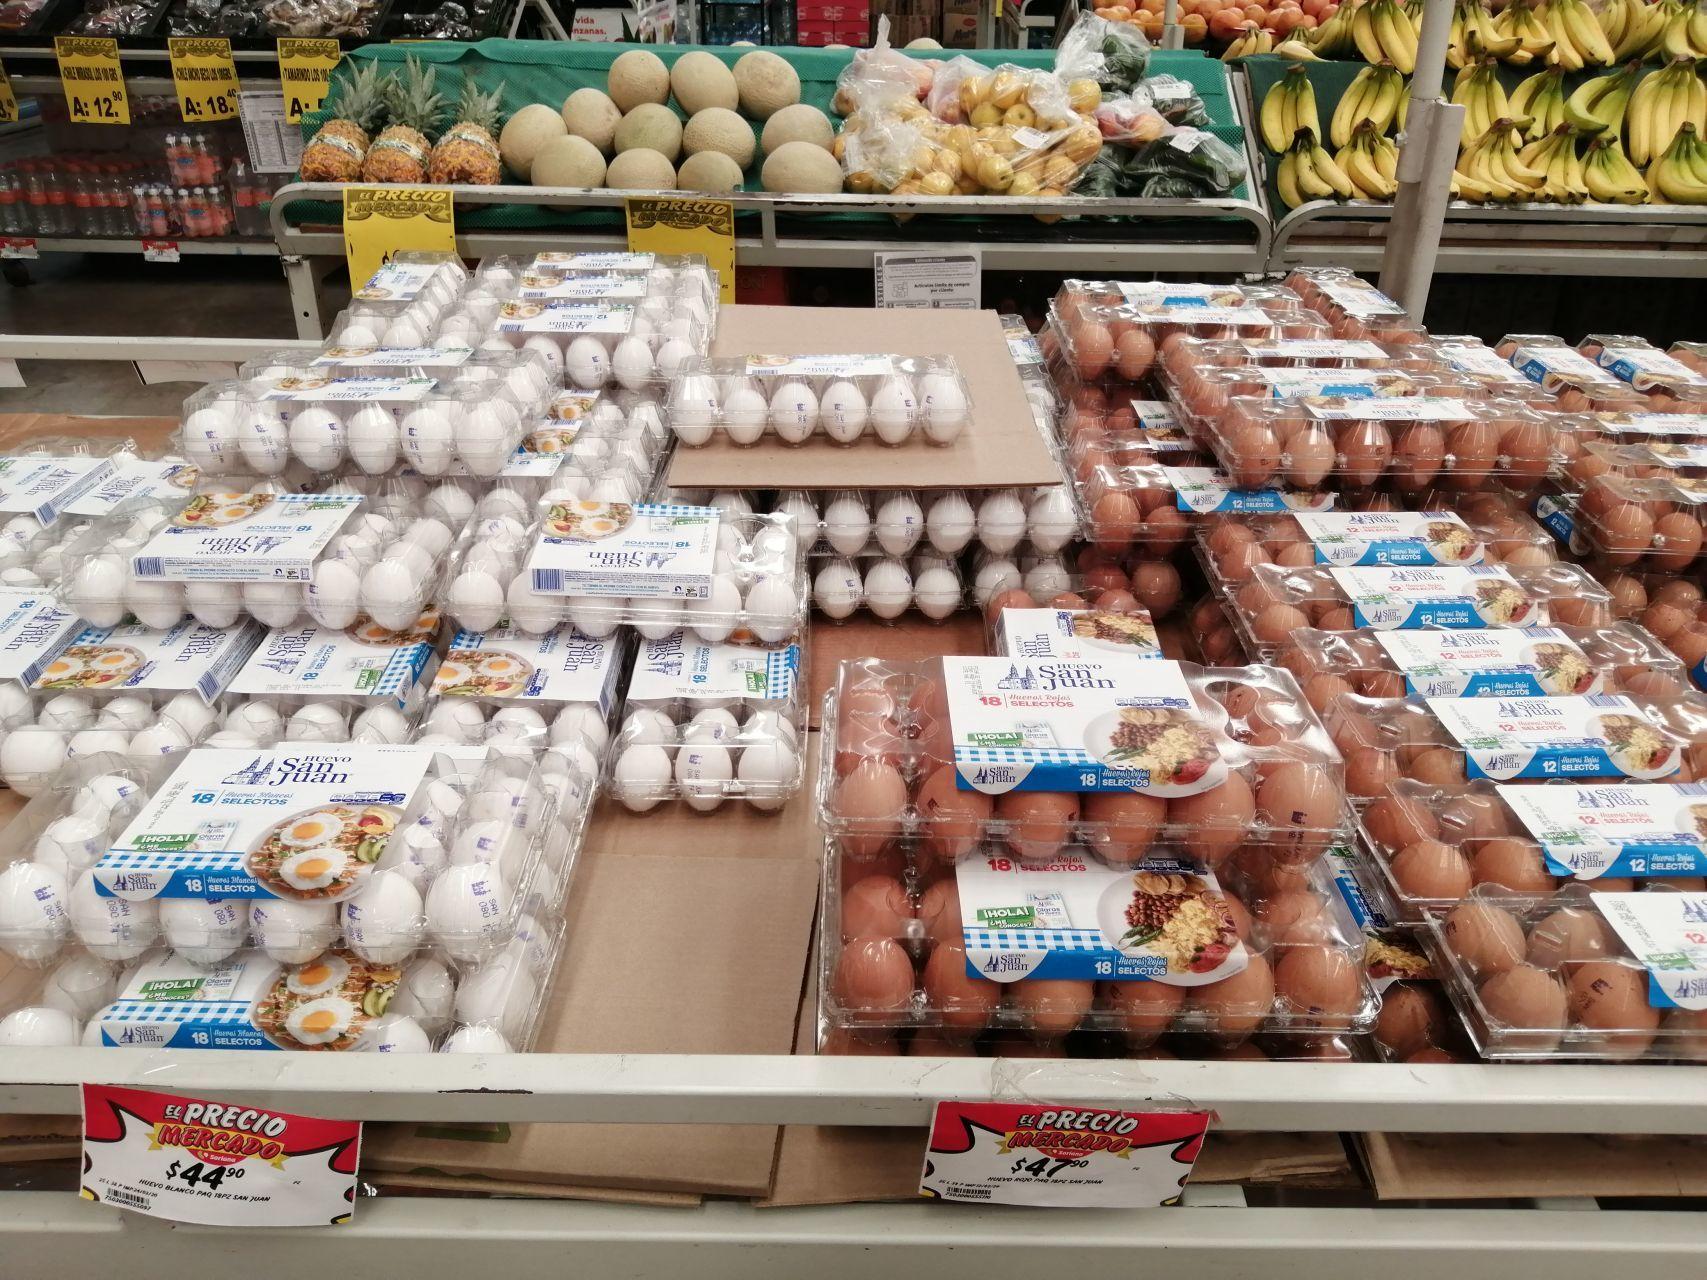 Les cayó la voladora: Profeco pide a empresas explicar el aumento en precios de tortilla y huevo